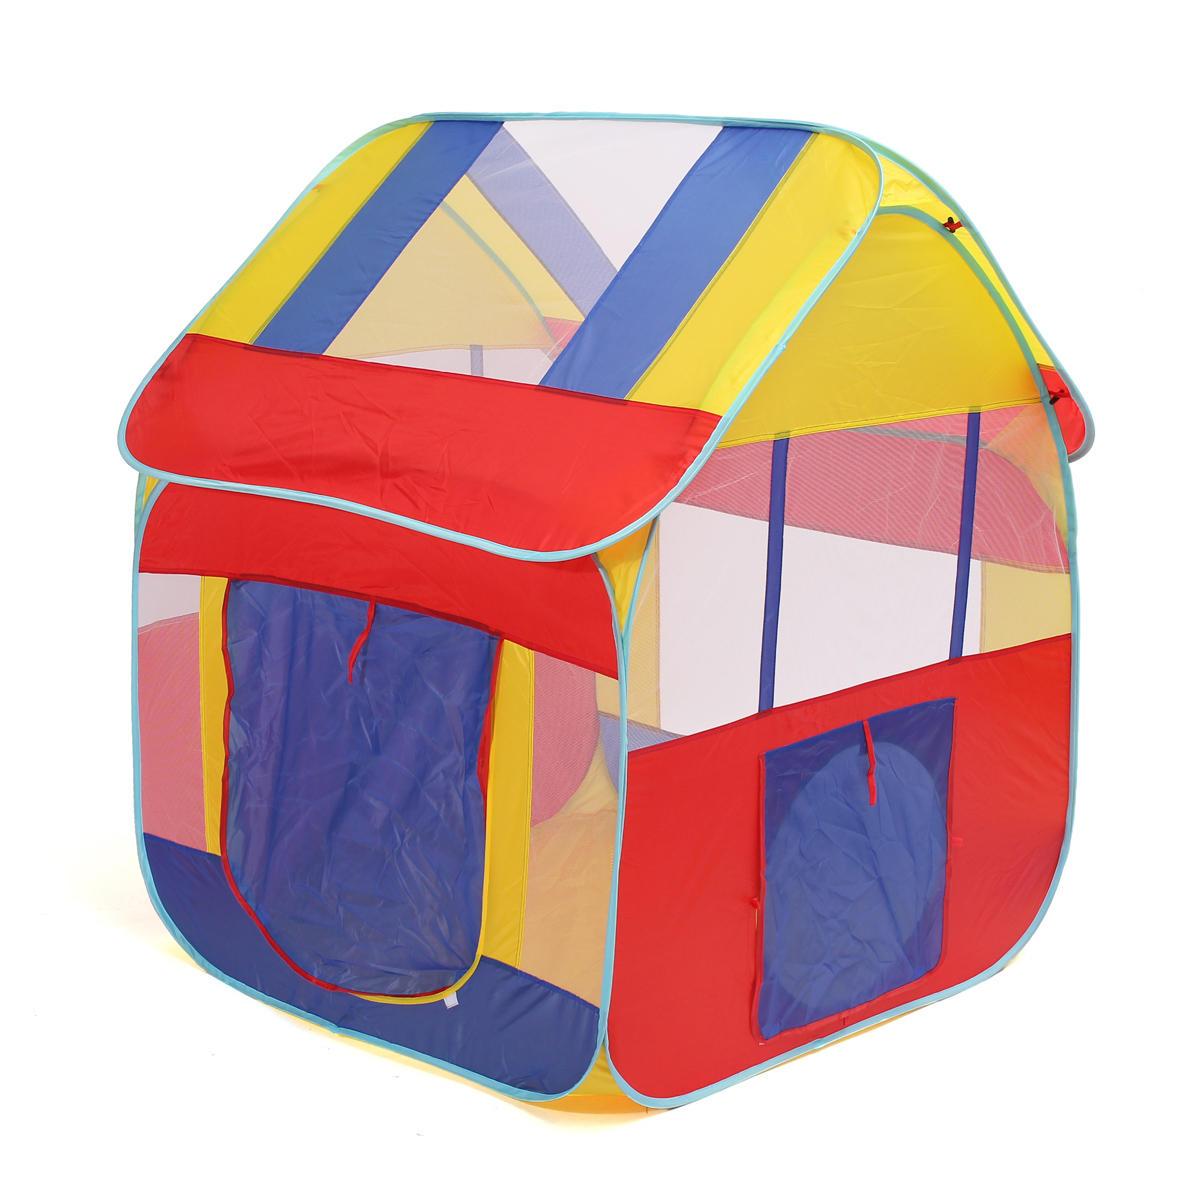 1.2m Pop Up tienda de campaña al aire libre al aire libre de juego de bolas de Pit Play House Hut diversión juego de niños de juguete